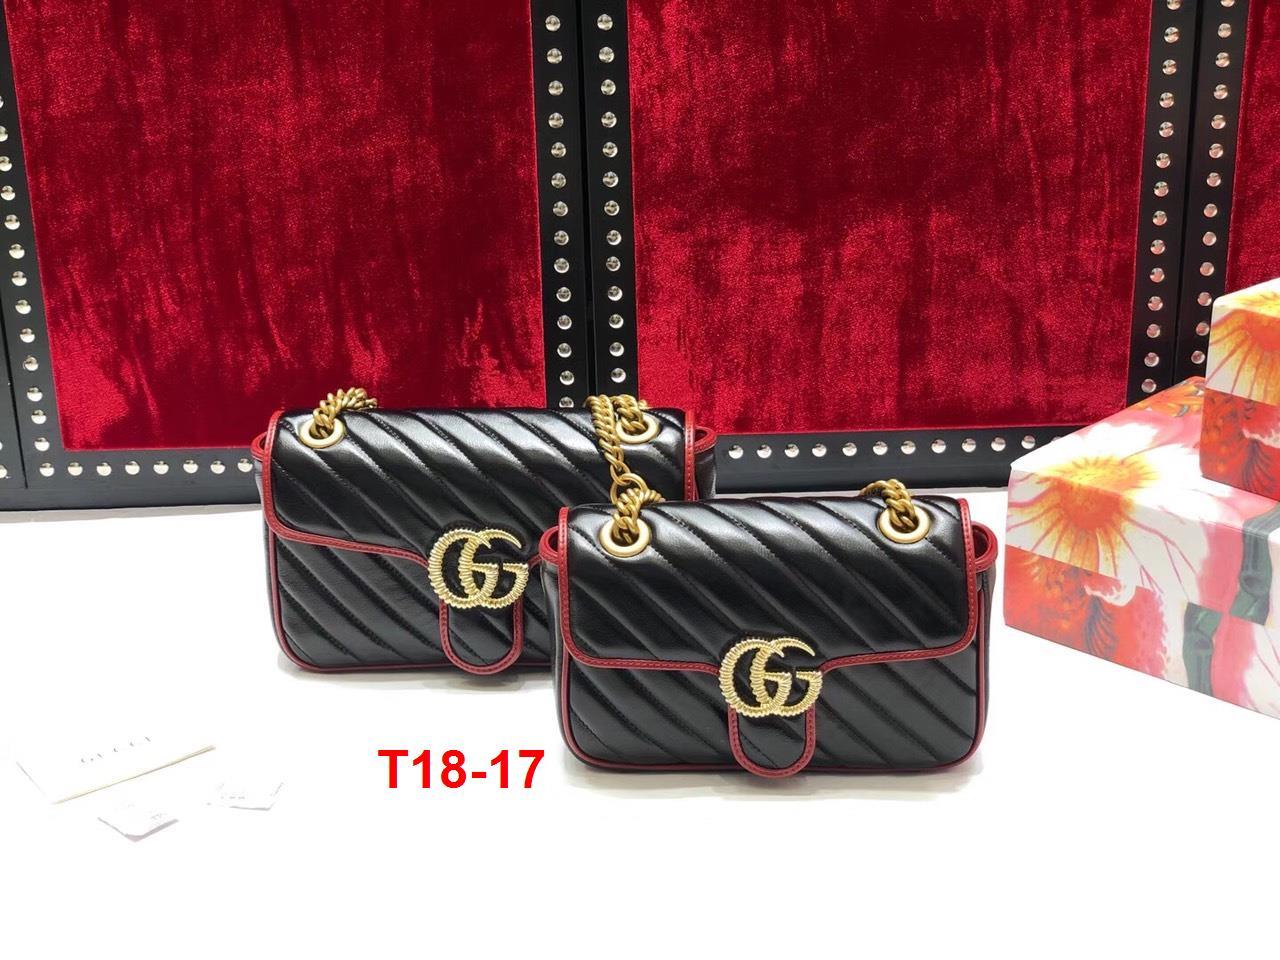 T18-17 Gucci túi size 22cm, 26cm siêu cấp